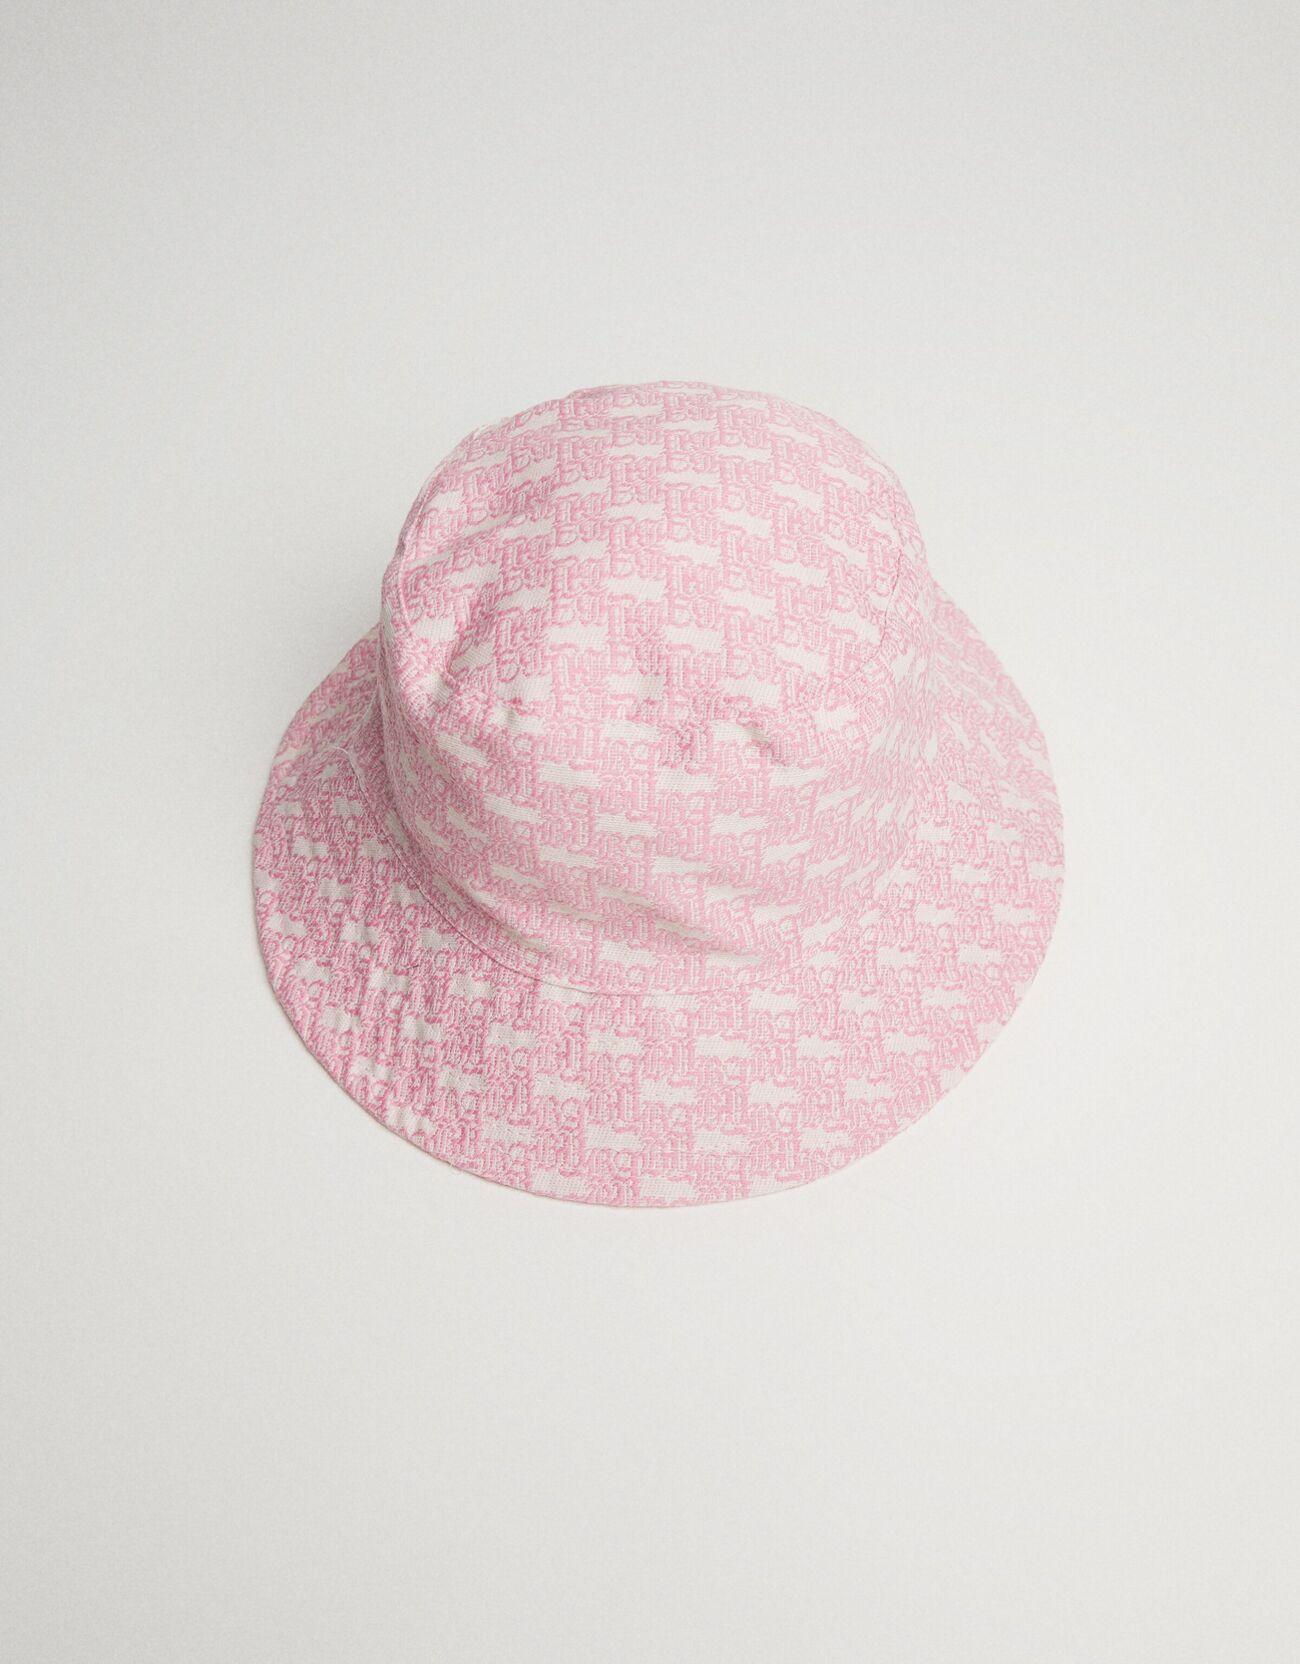 De color rosa estampado.